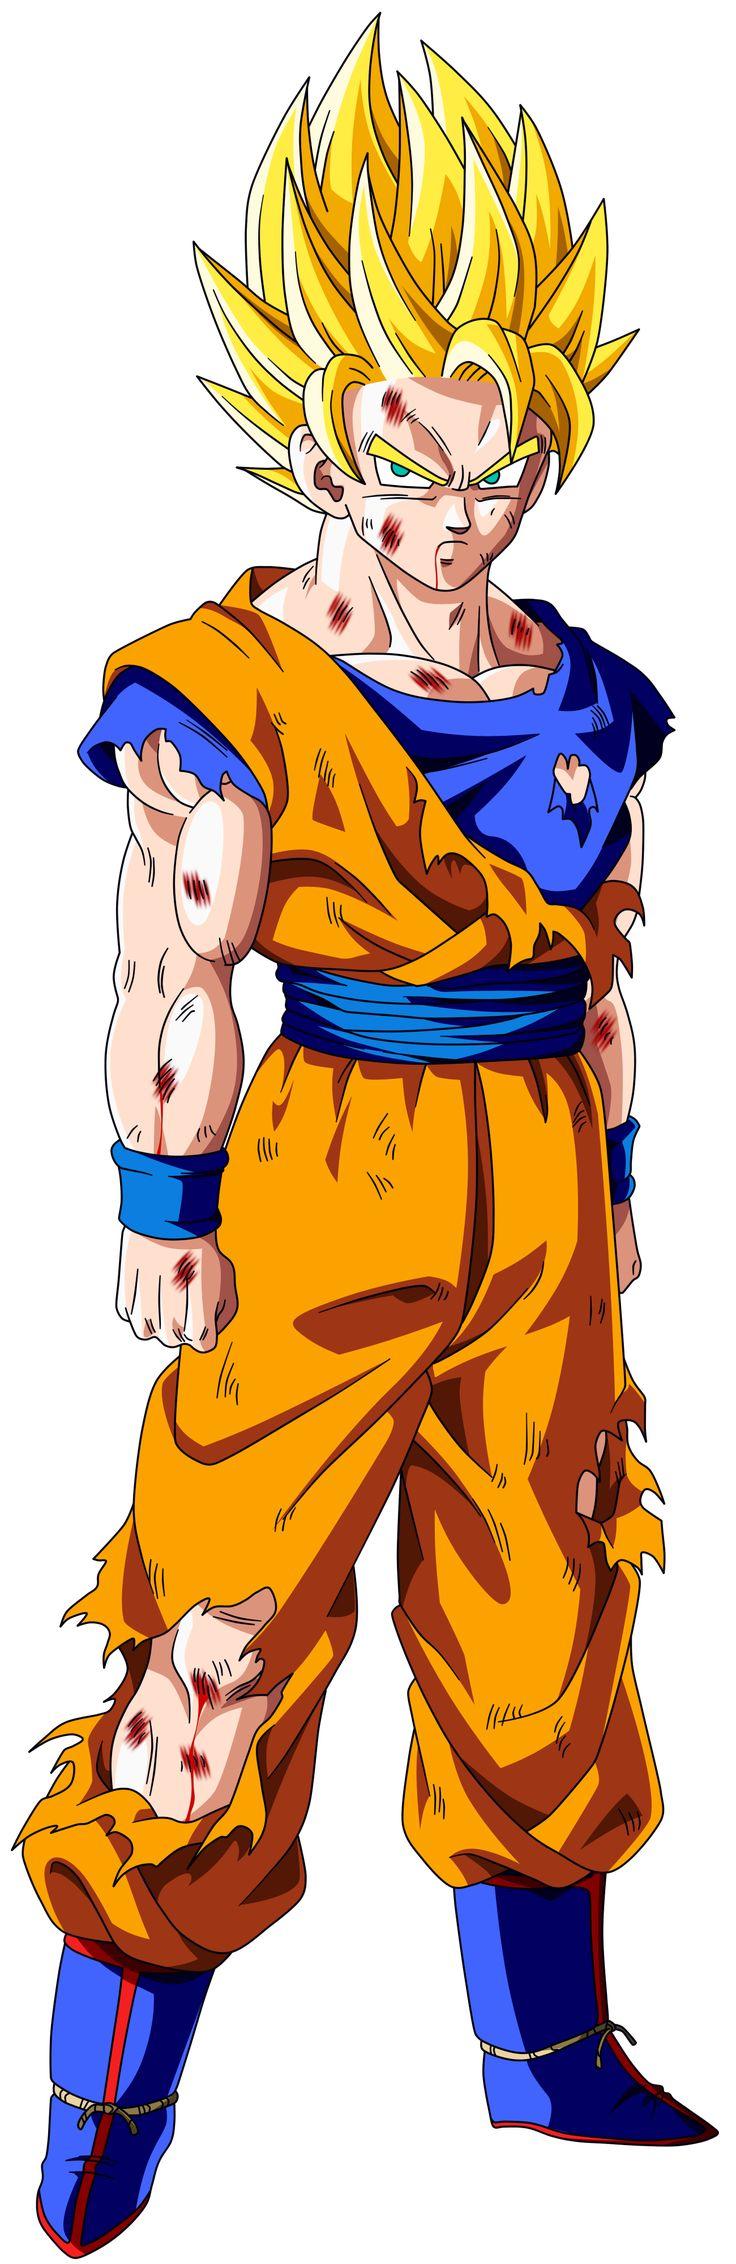 More Goku... More SSJ